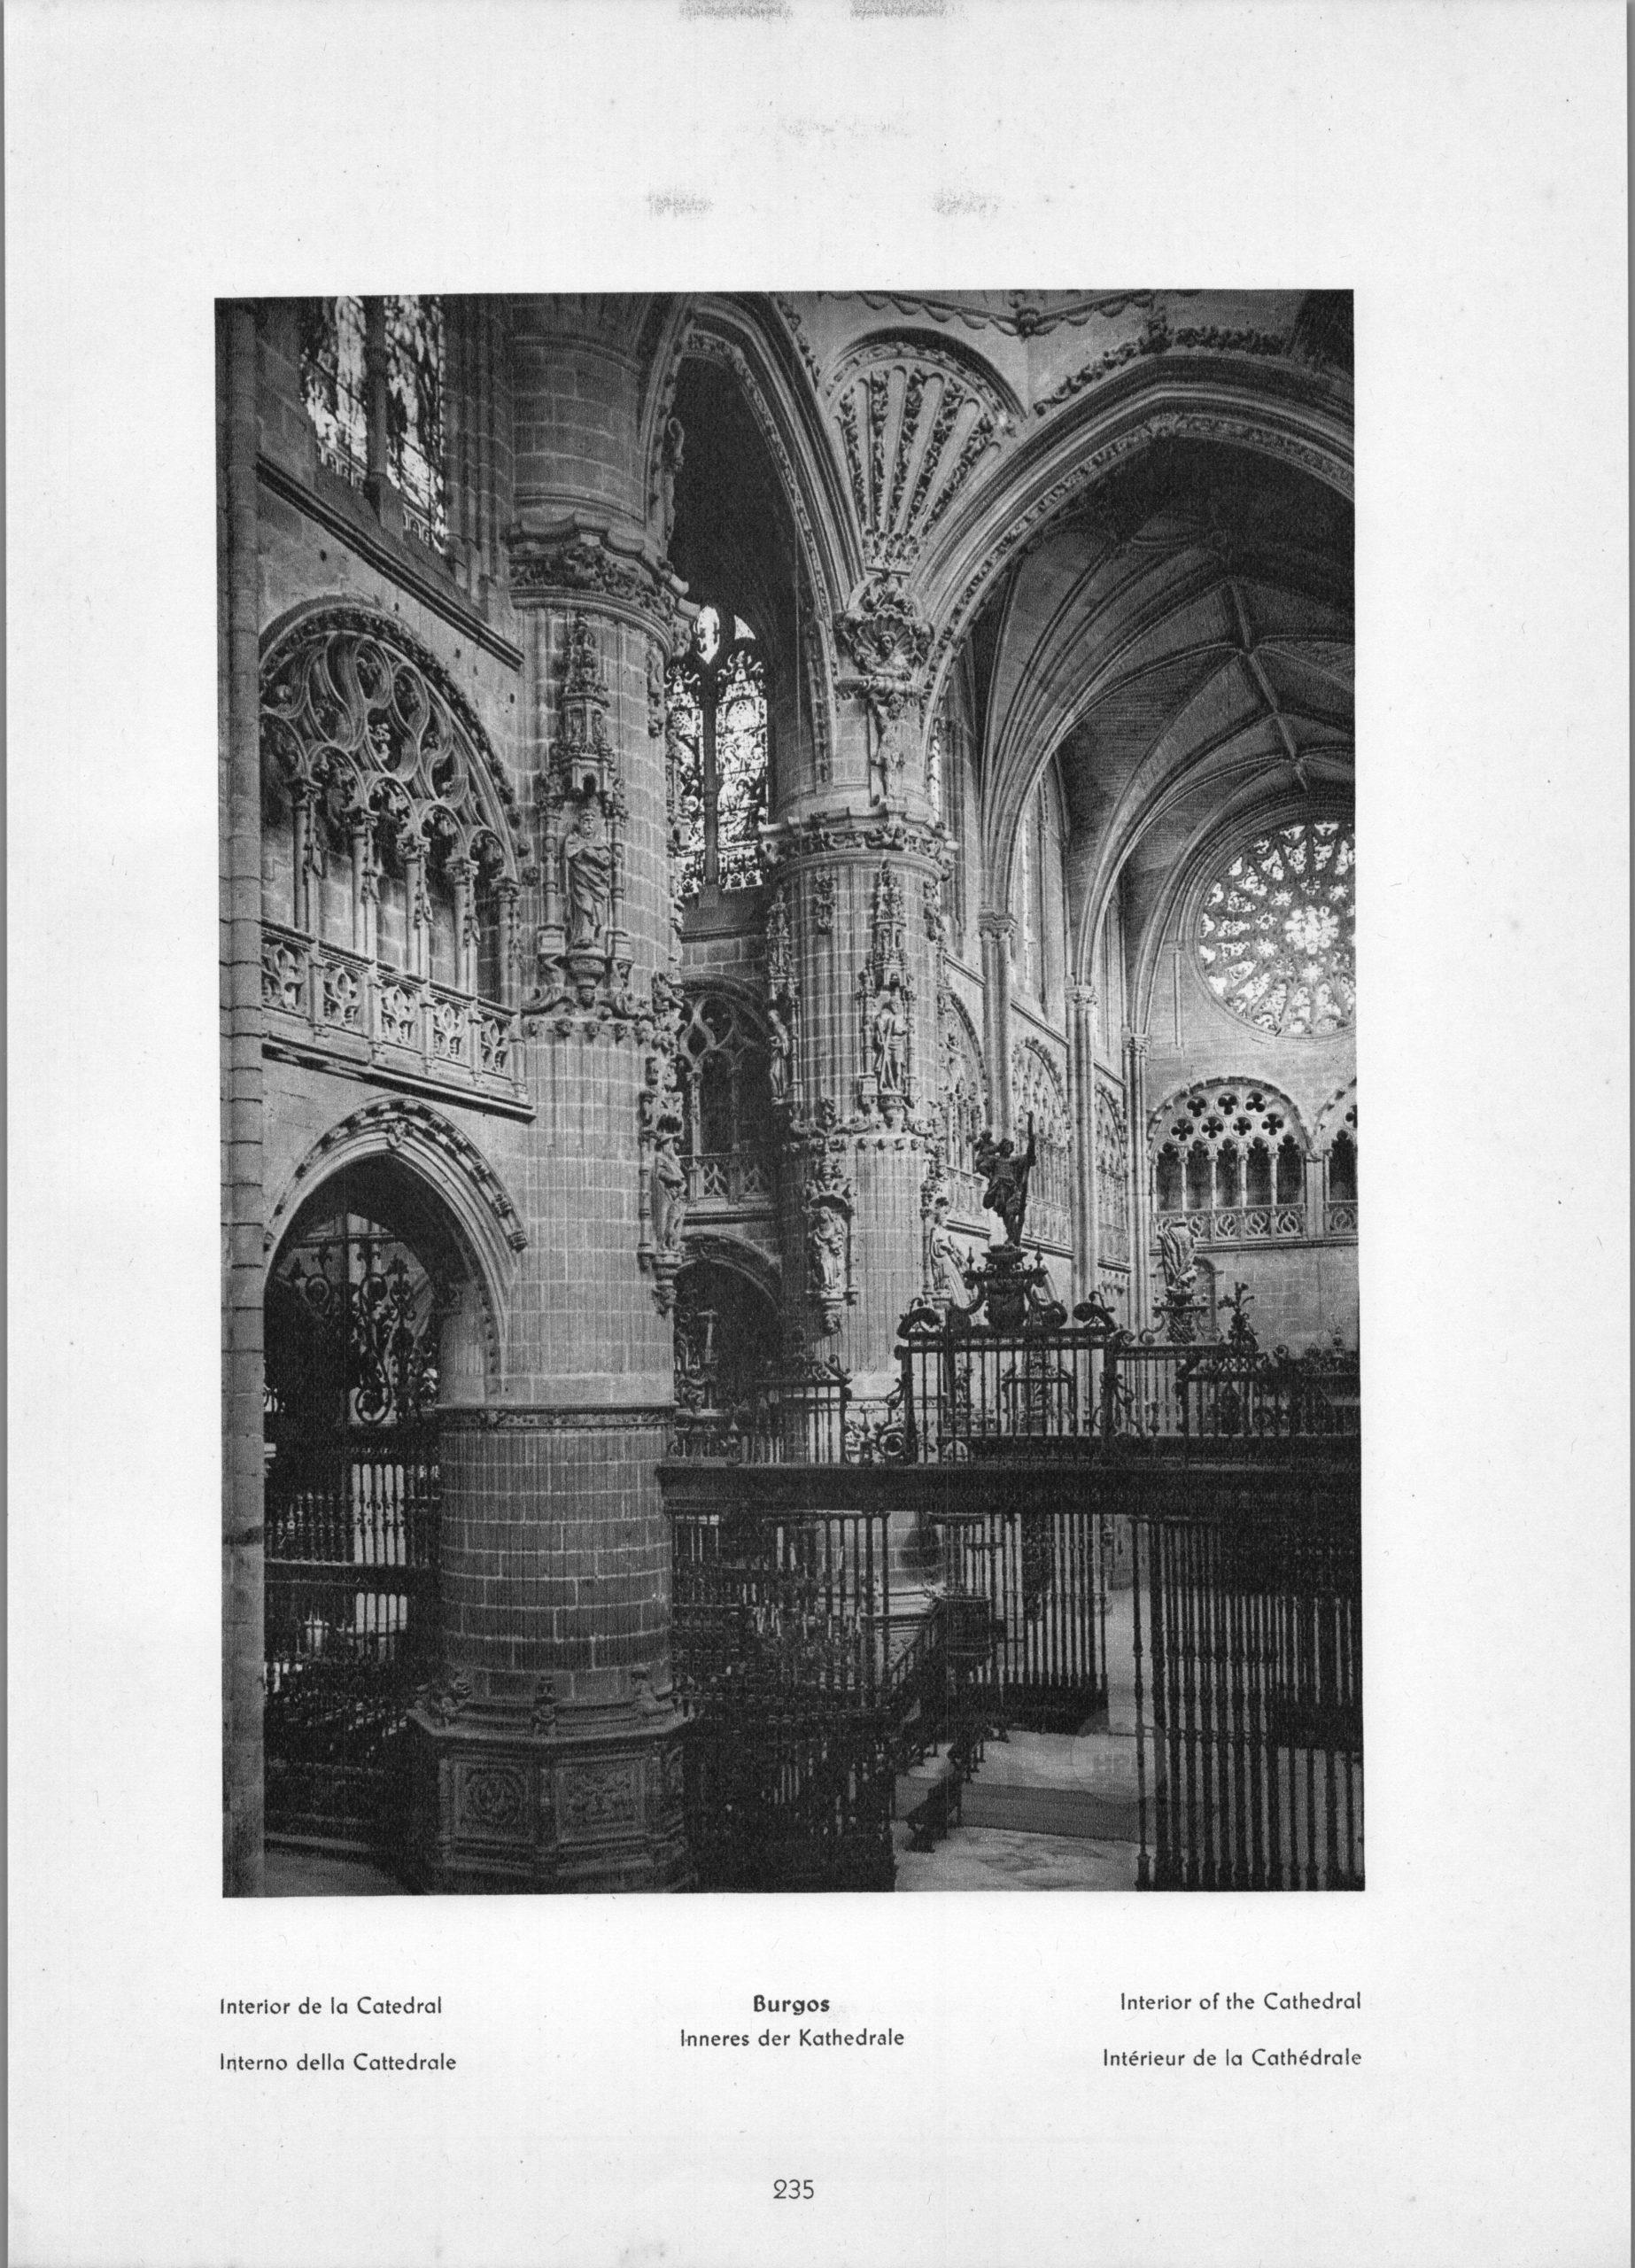 Burgos Altar - La Catedral